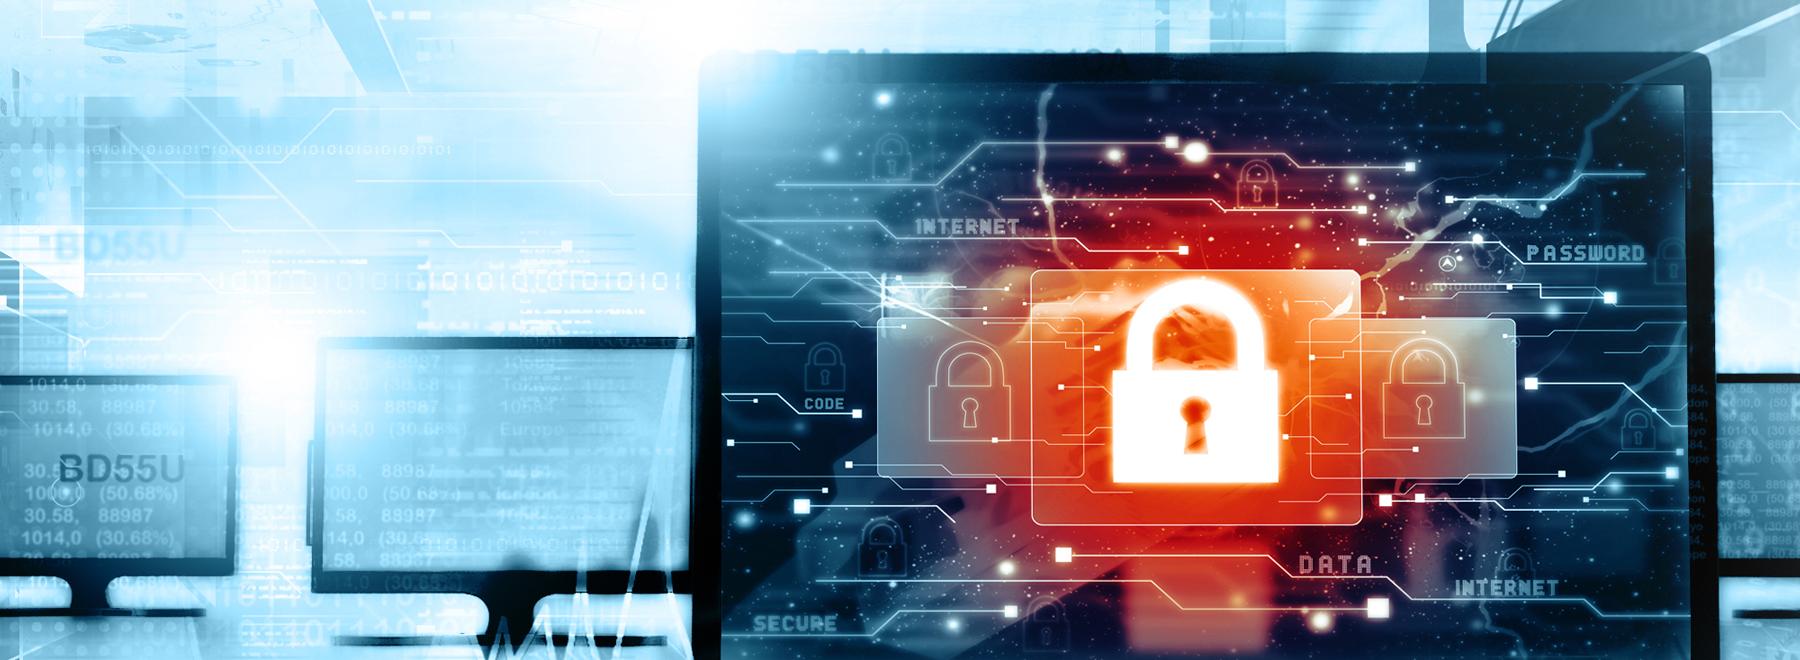 富士フイルムビジネスイノベーション デジタル複合機のセキュリティー対策